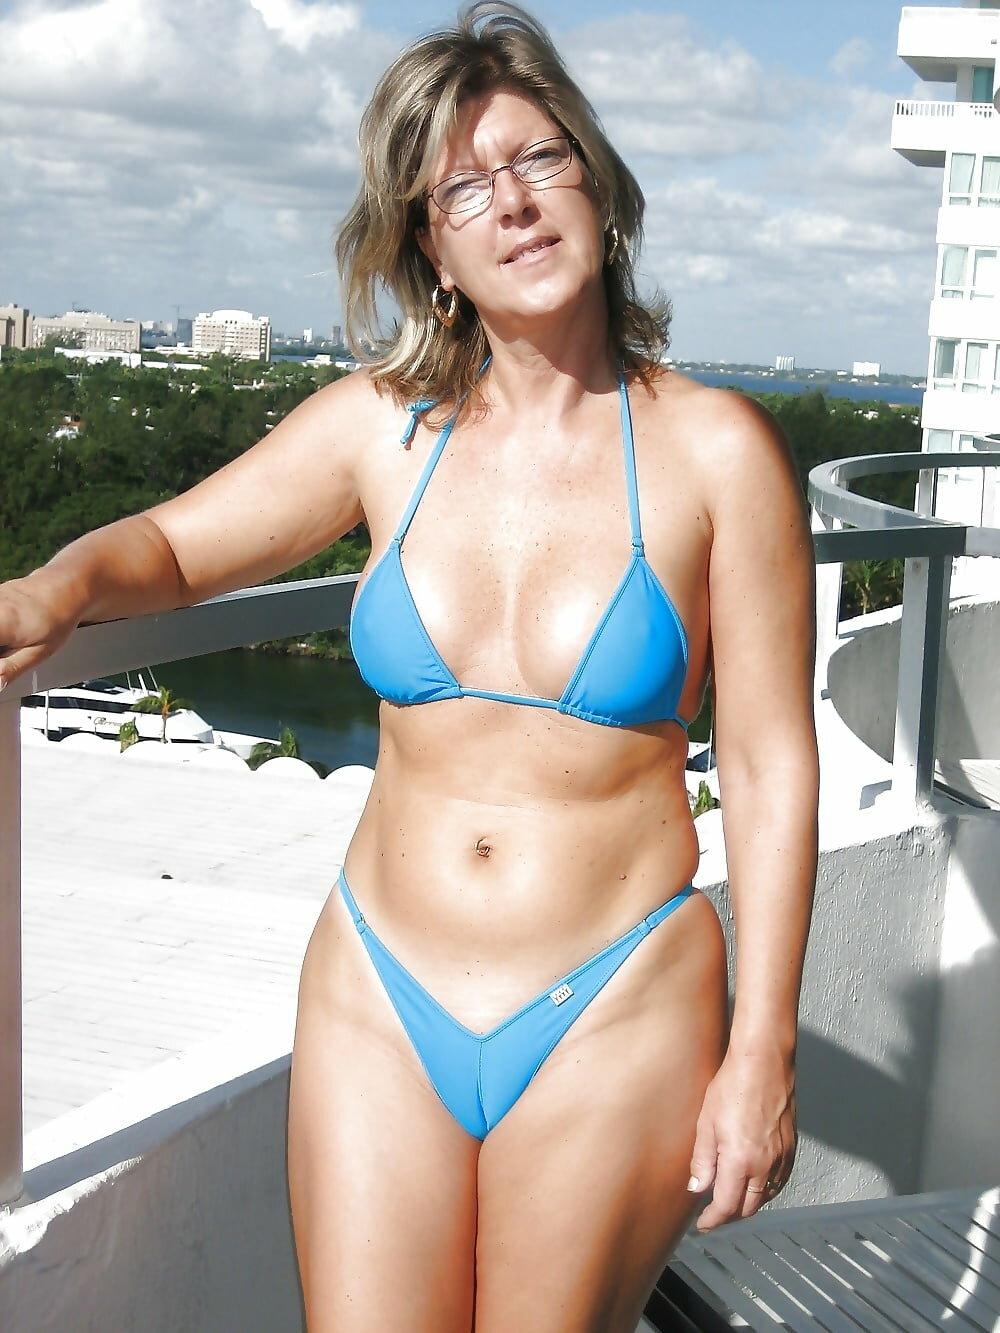 Non nudes amateur wife #1